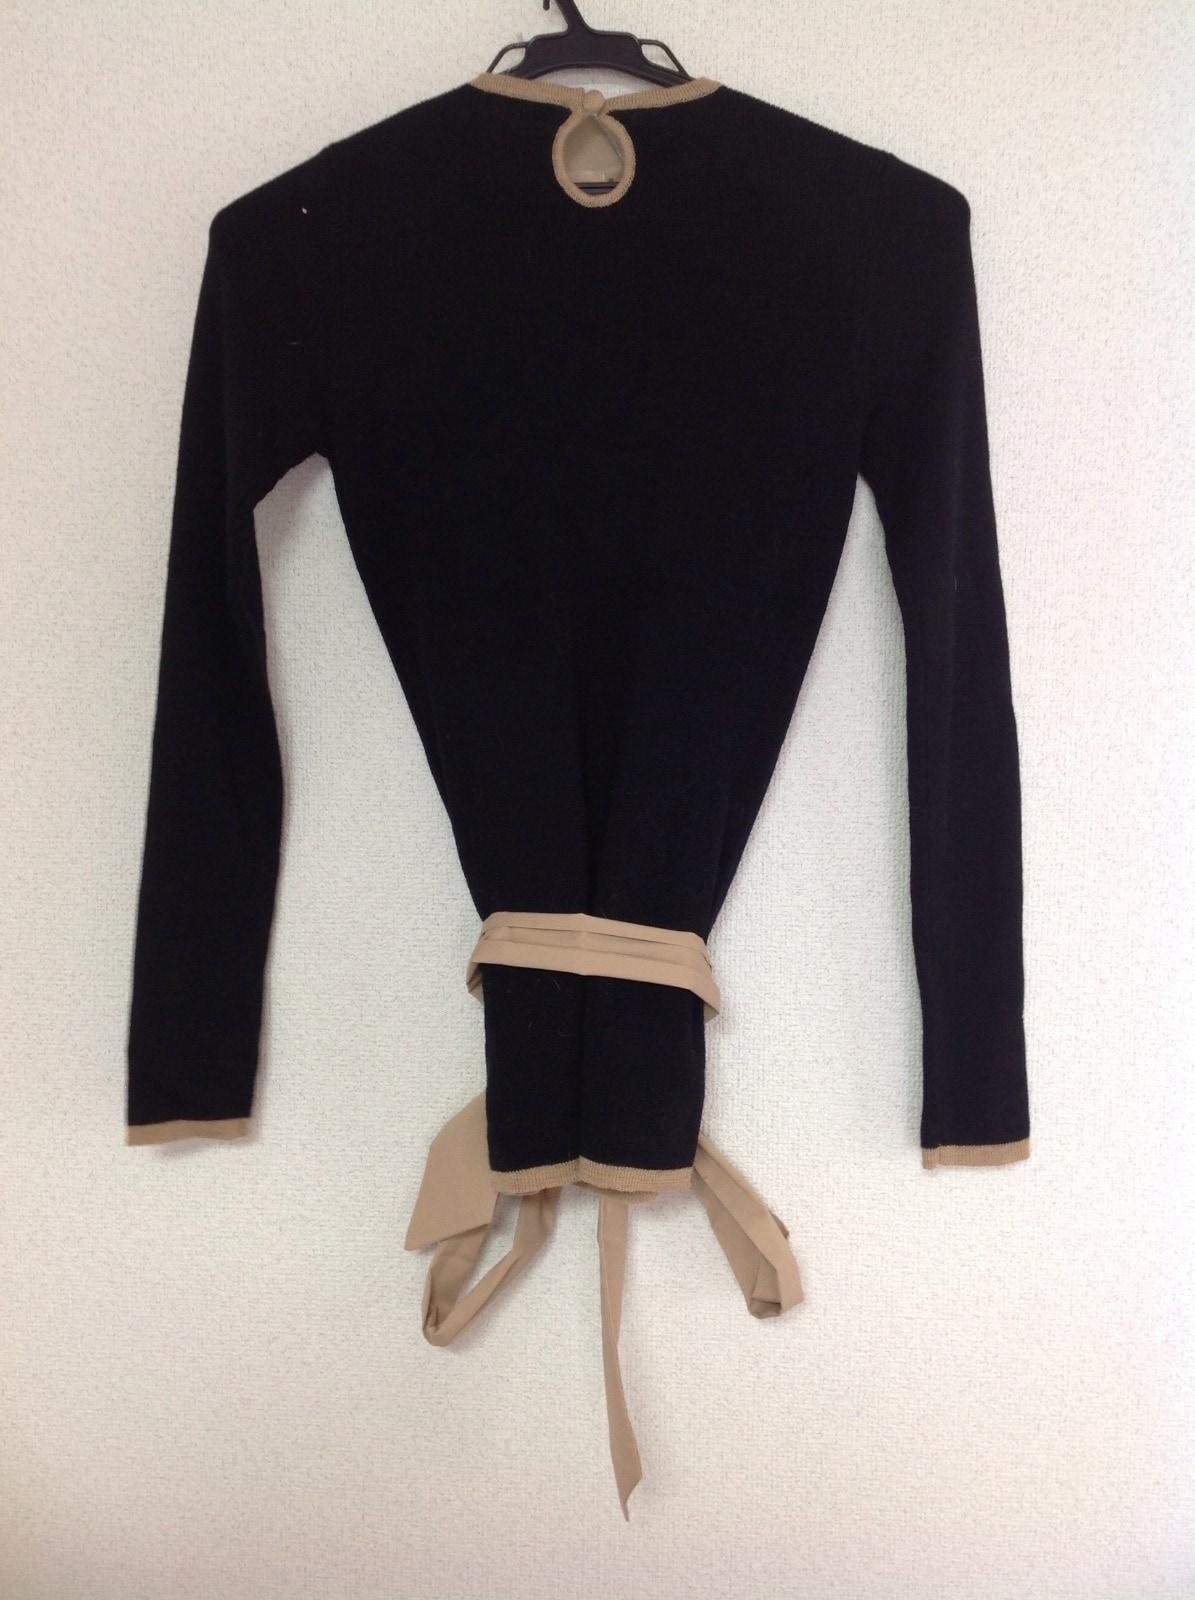 ALEXIS MABILLE(アレクシスマビーユ)のセーター